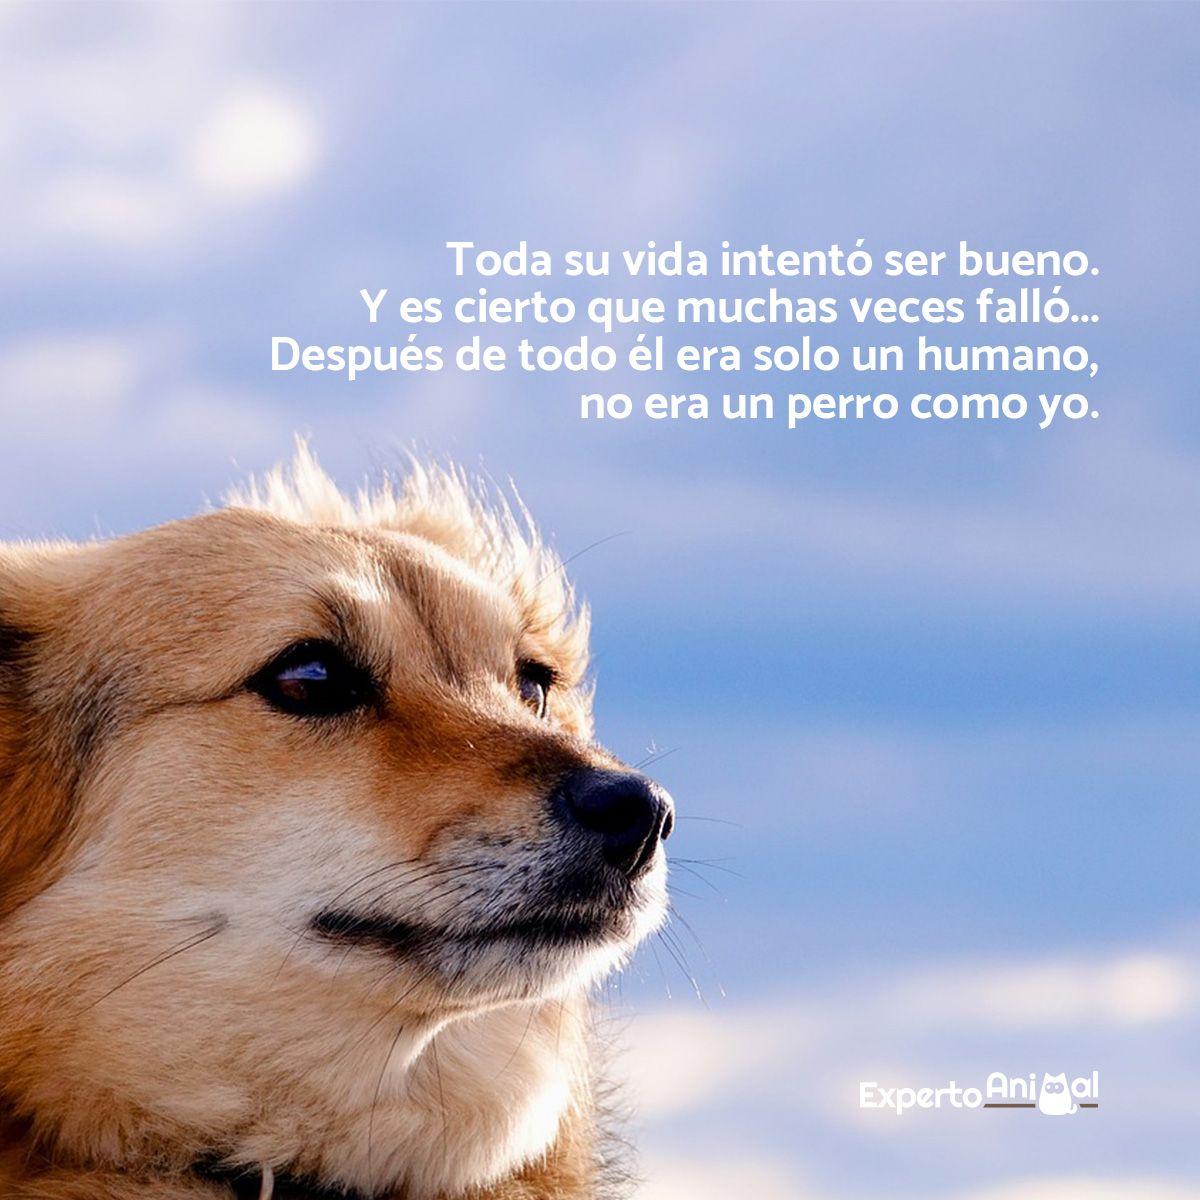 Frases De Perros Con Imagenes Perros Frases Perros Amantes